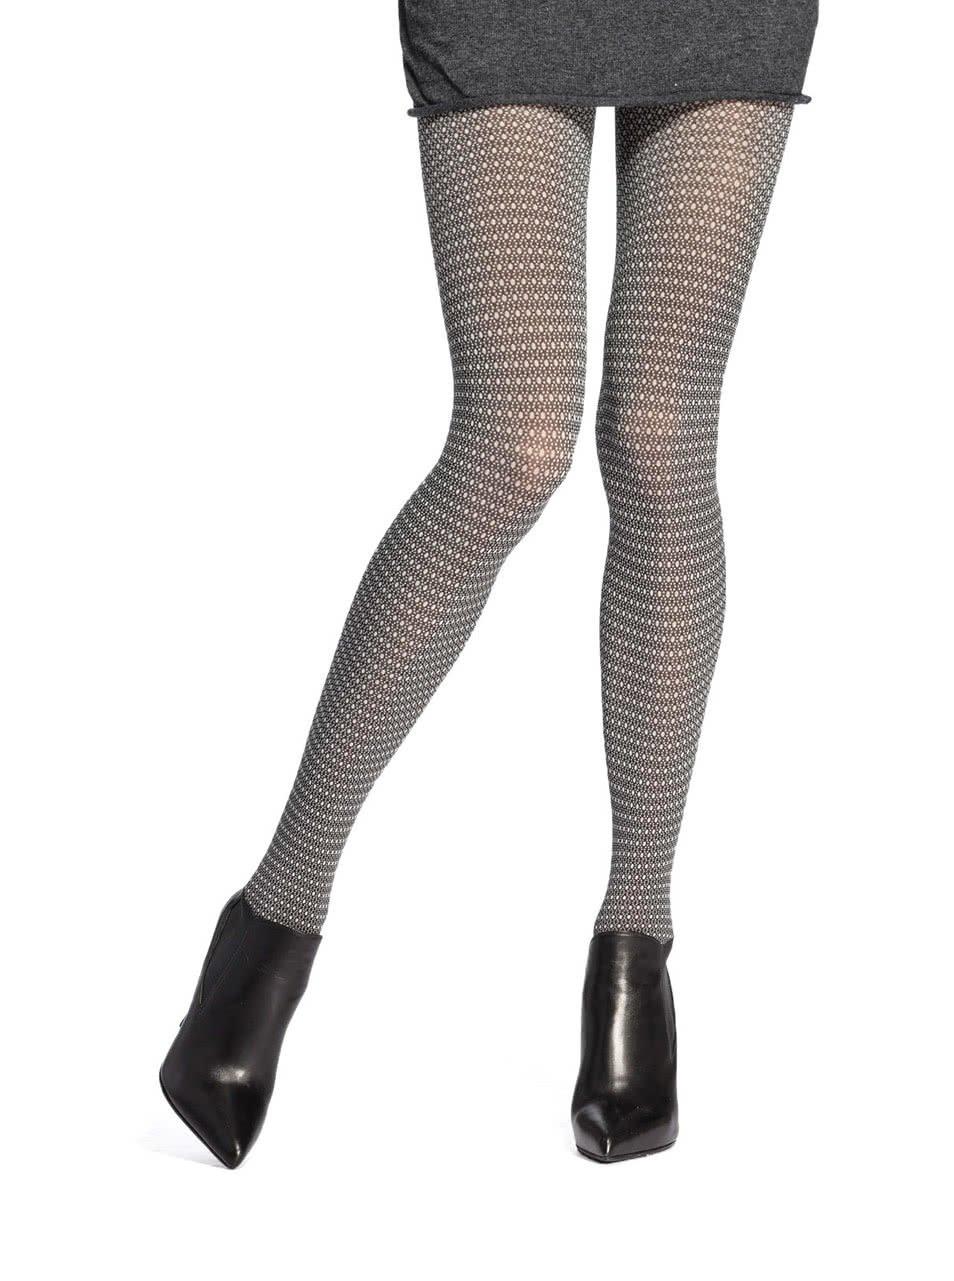 Černo-bílé punčochy s drobným puntíkovaným vzorem Oroblu Rhianna